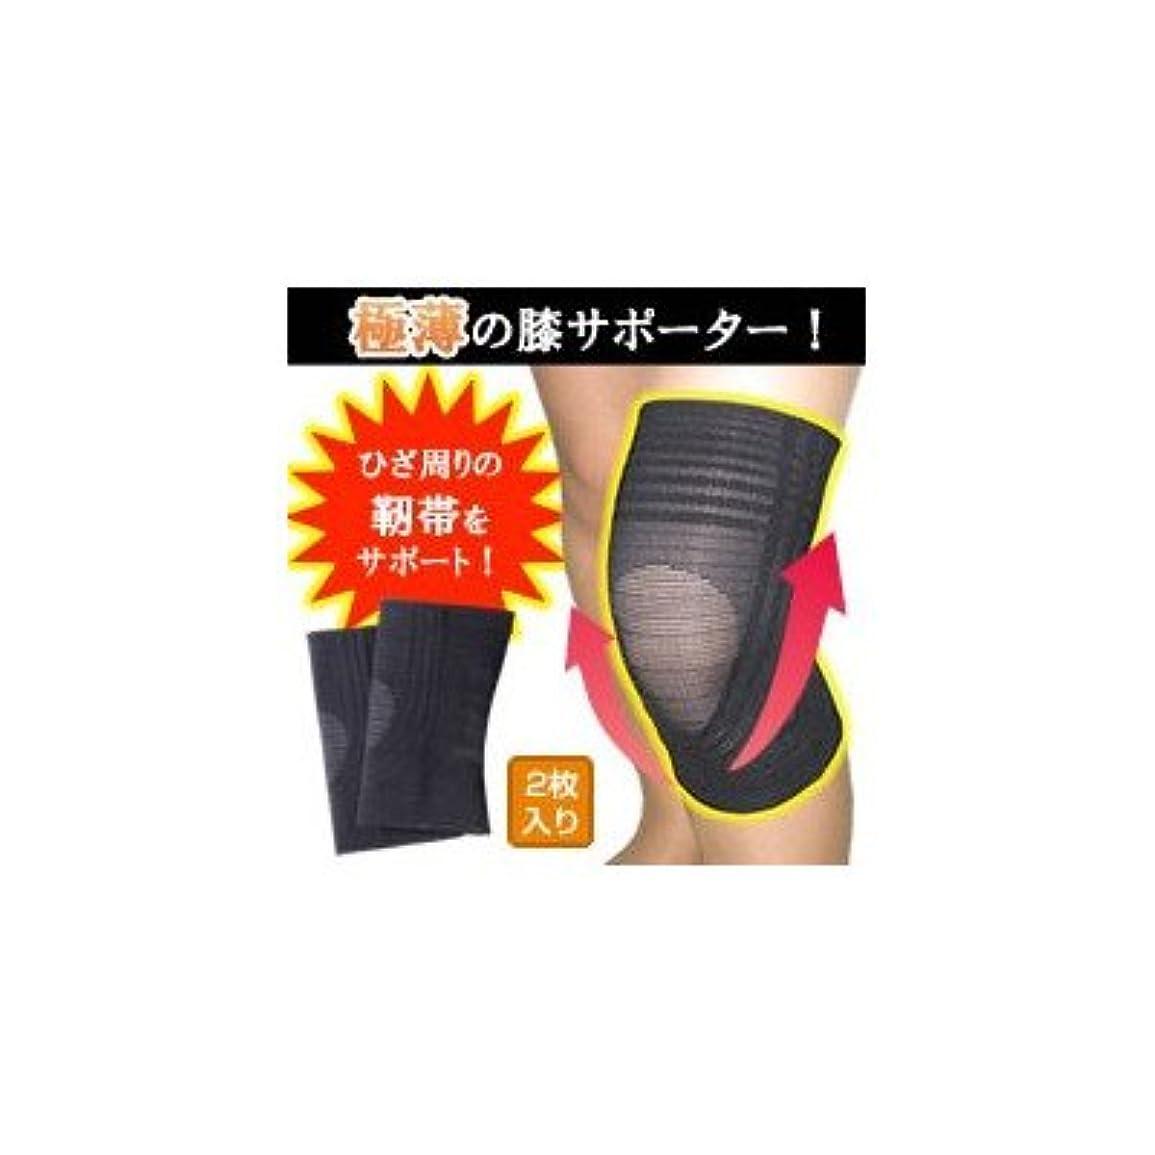 無視現実合金縁の下の膝靭帯サポーター M( 画像はイメージ画像です お届けの商品はMのみとなります)